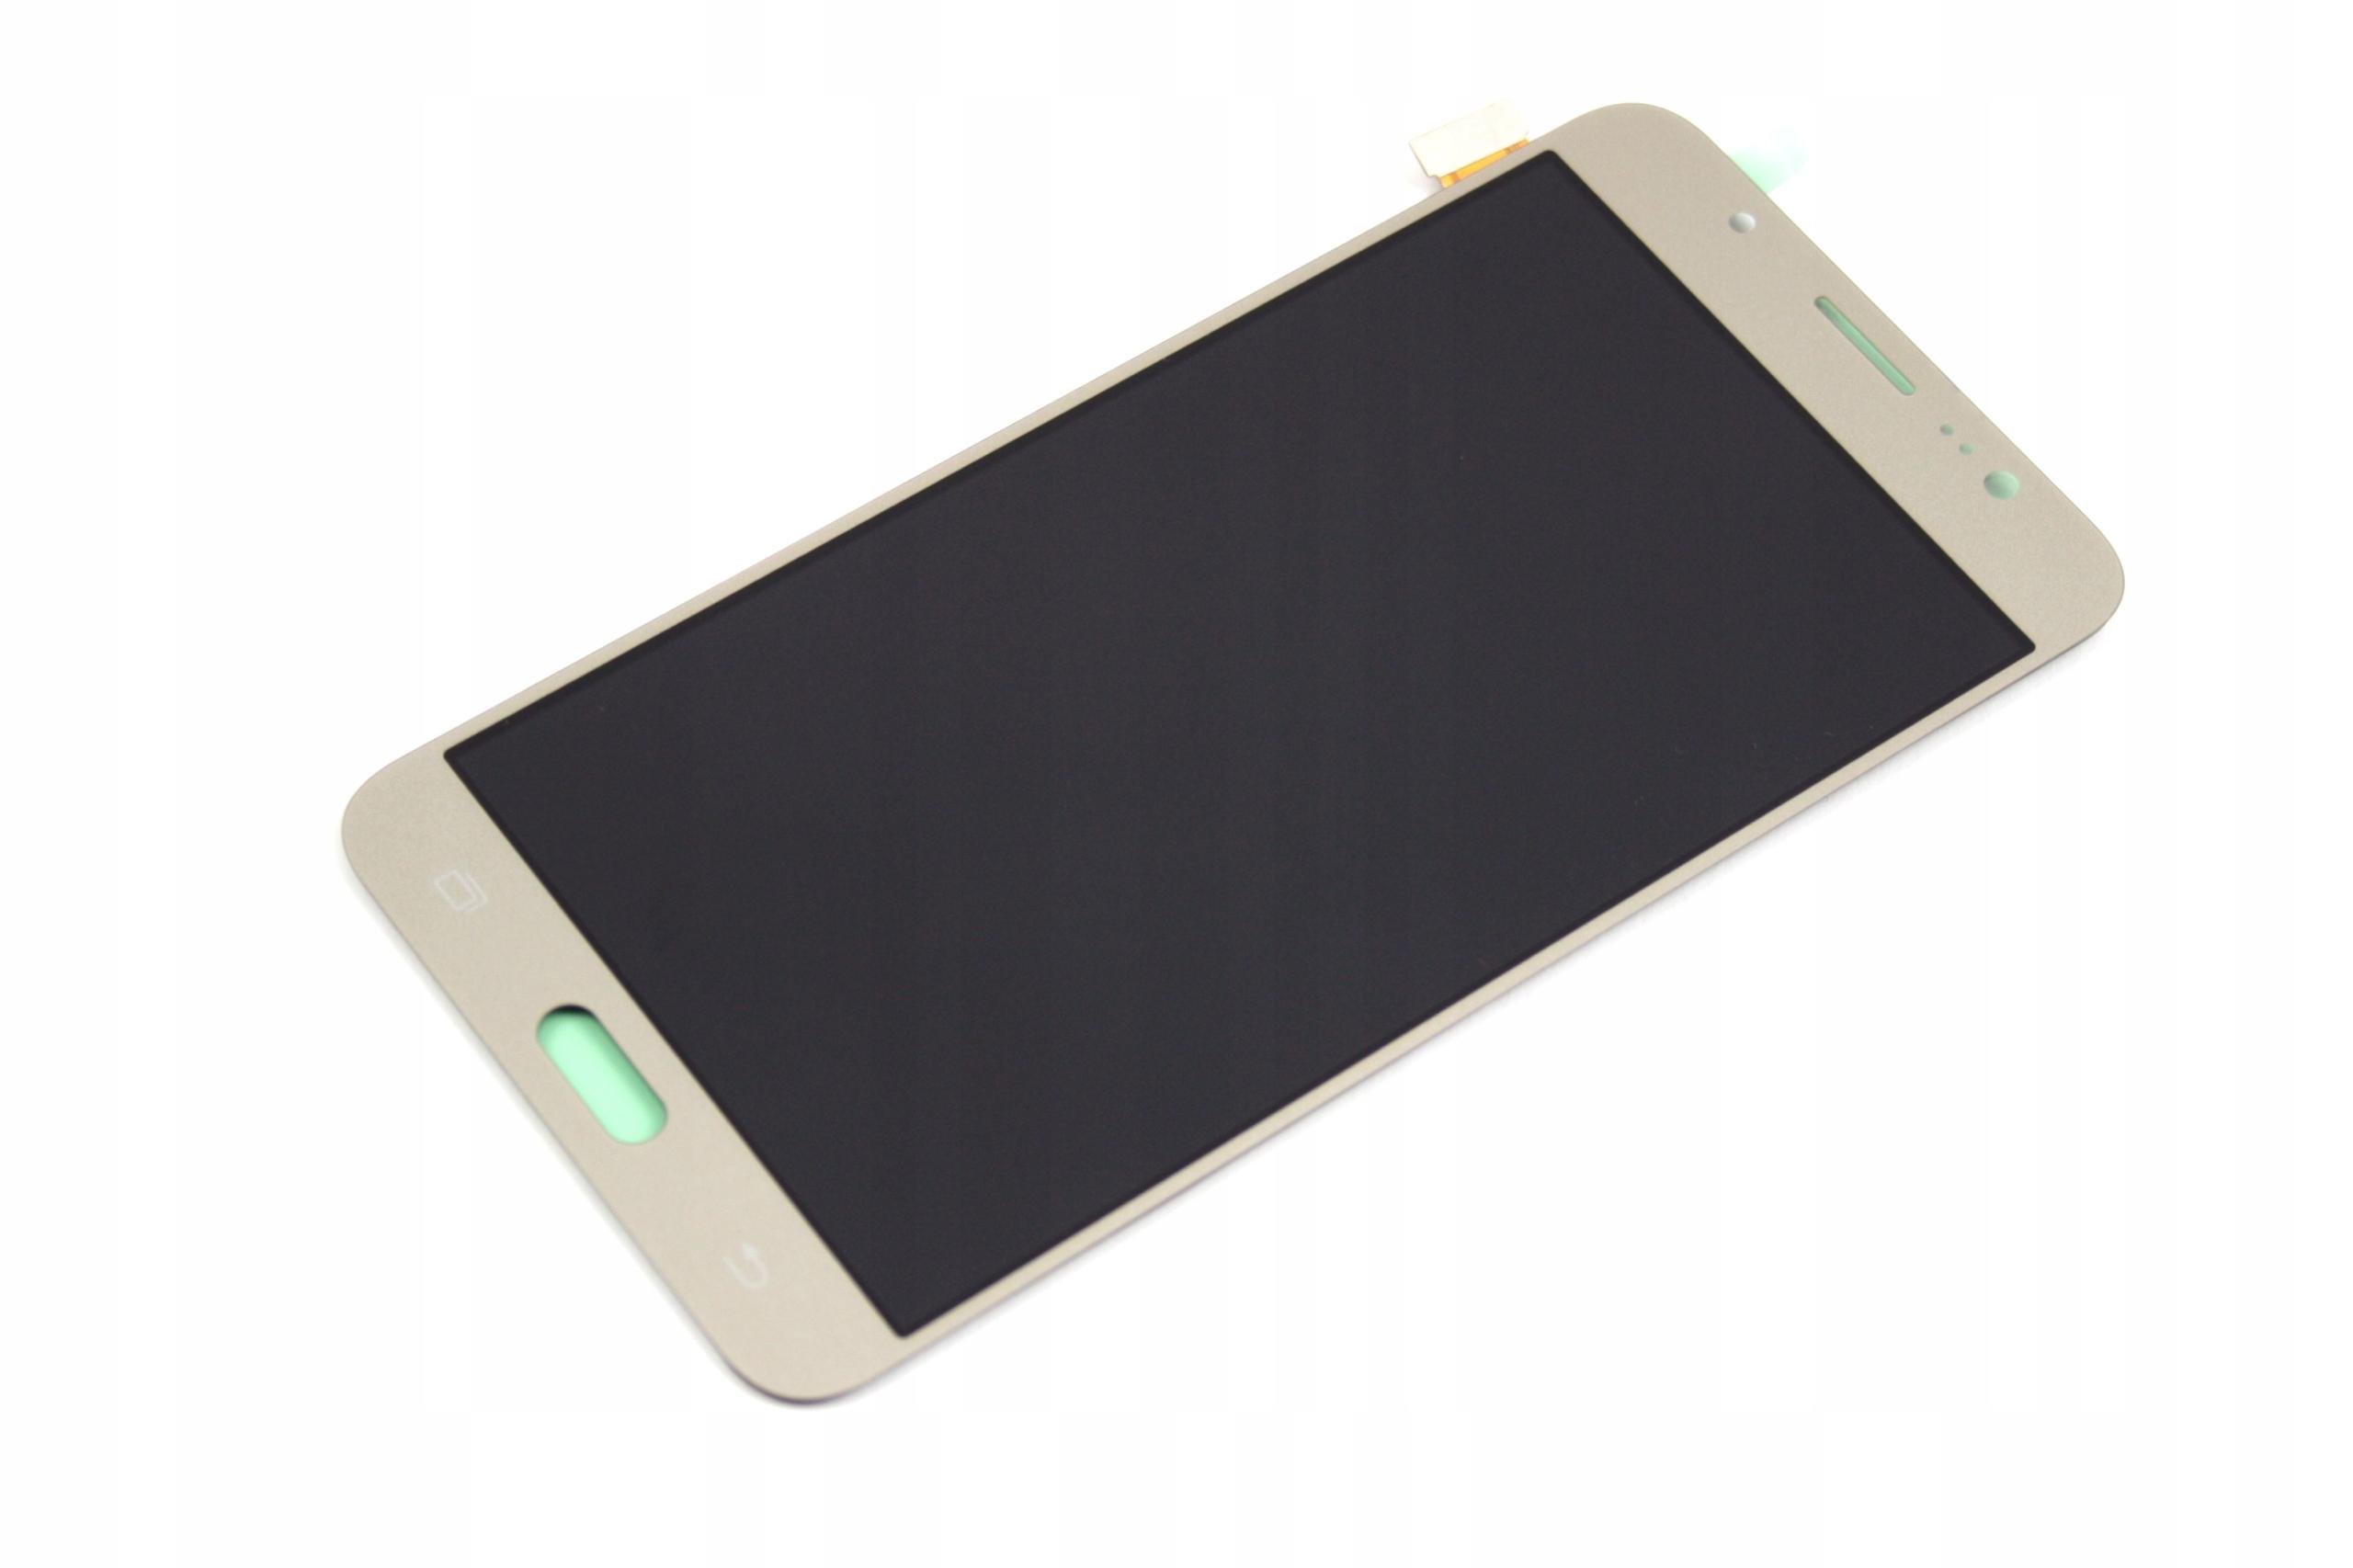 LCD WYŚWIETLACZ DO SAMSUNG J7 J710 J710F GOLD 2016